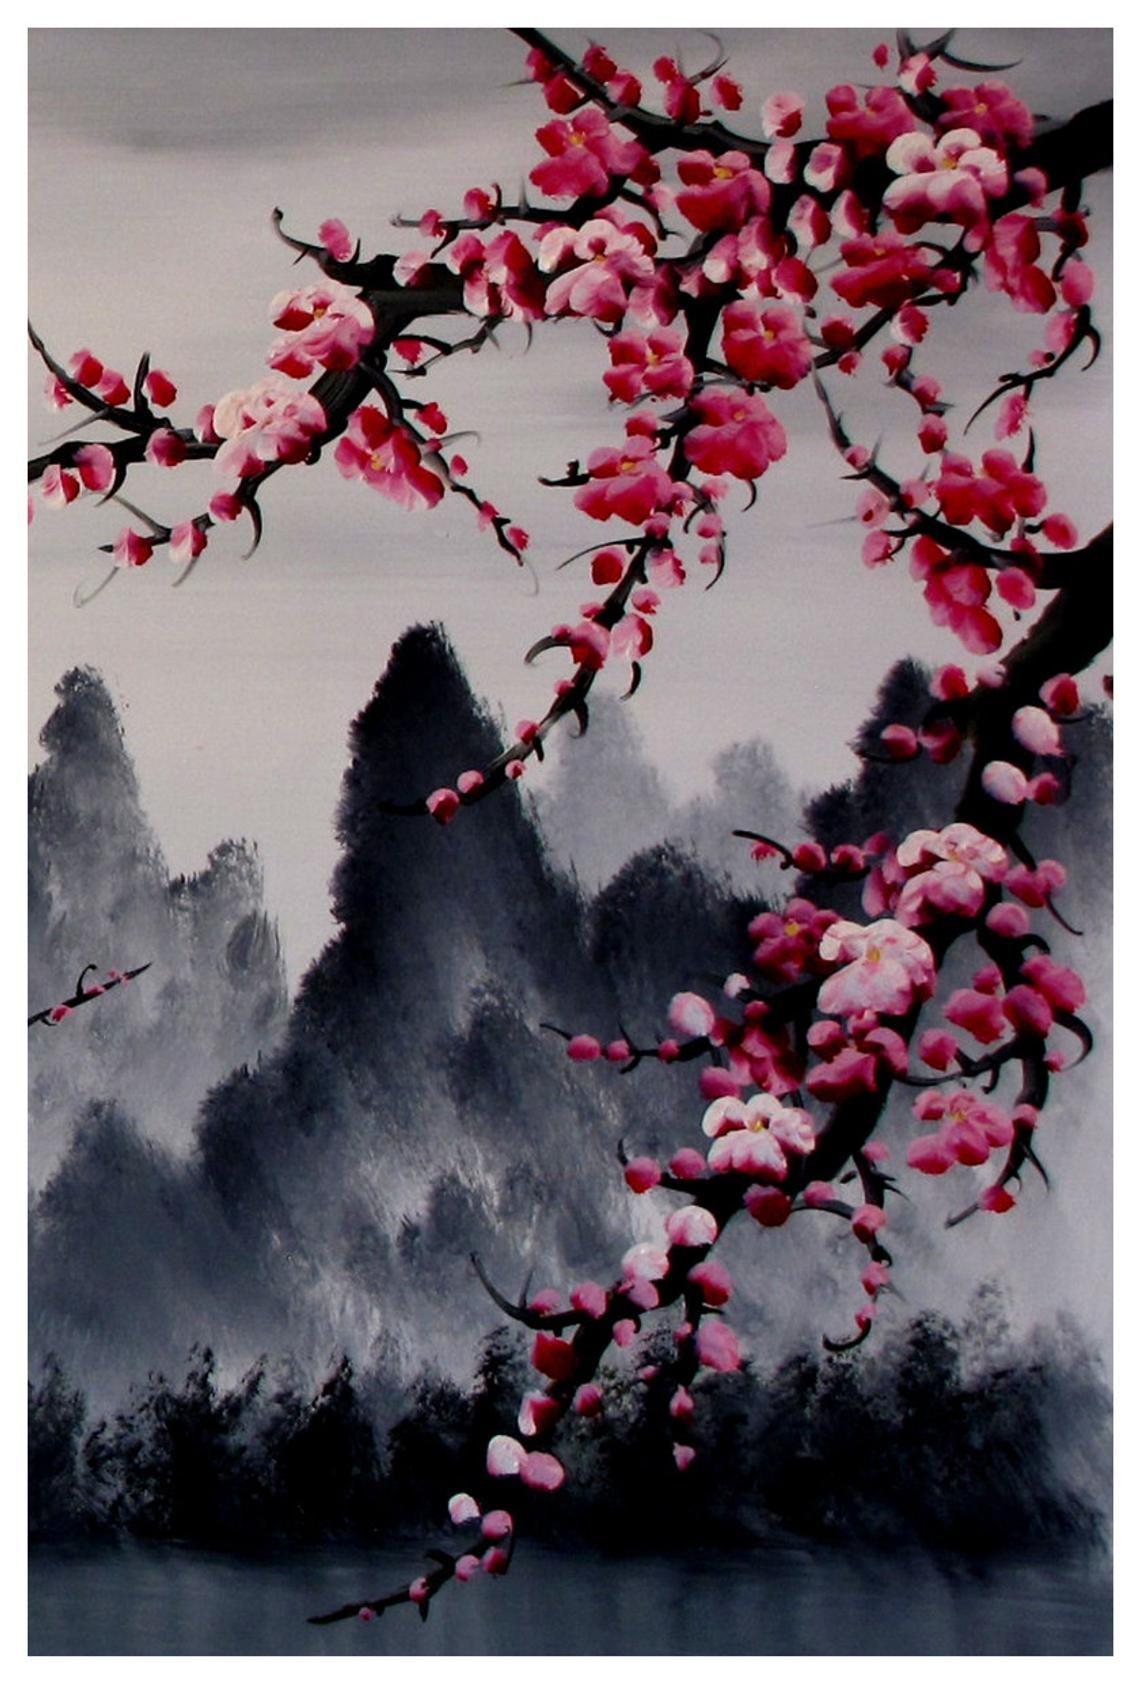 Photo of Arte de flor de cerezo, mural de flor de cerezo, conjunto de impresión japonesa de arte de flor de cerezo de 3